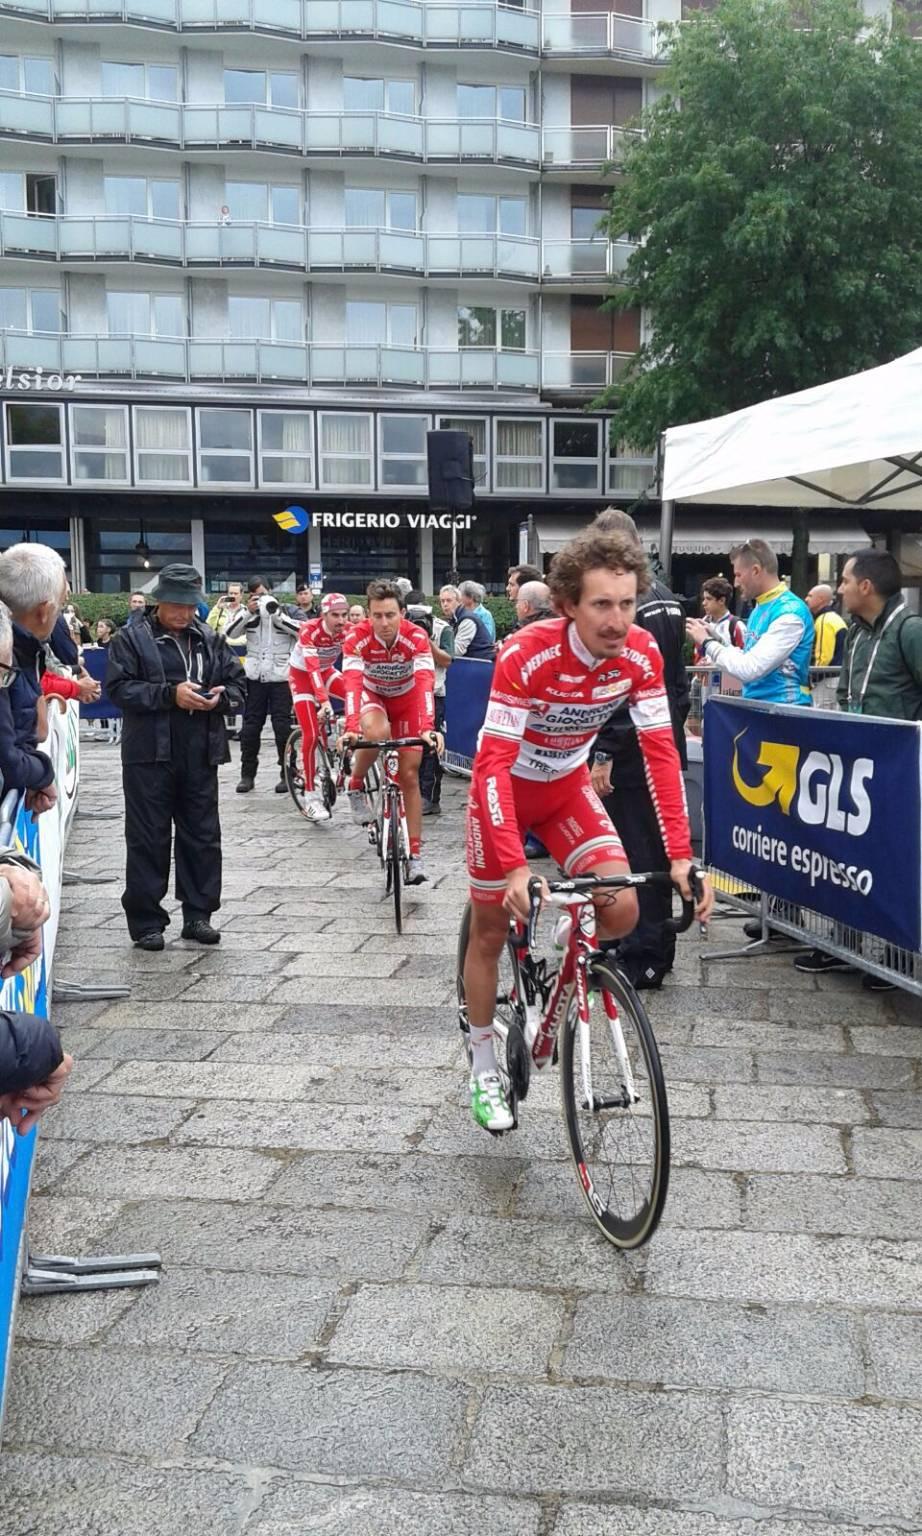 Entusiasmo dei tifosi a Como per il Giro di Lombardia